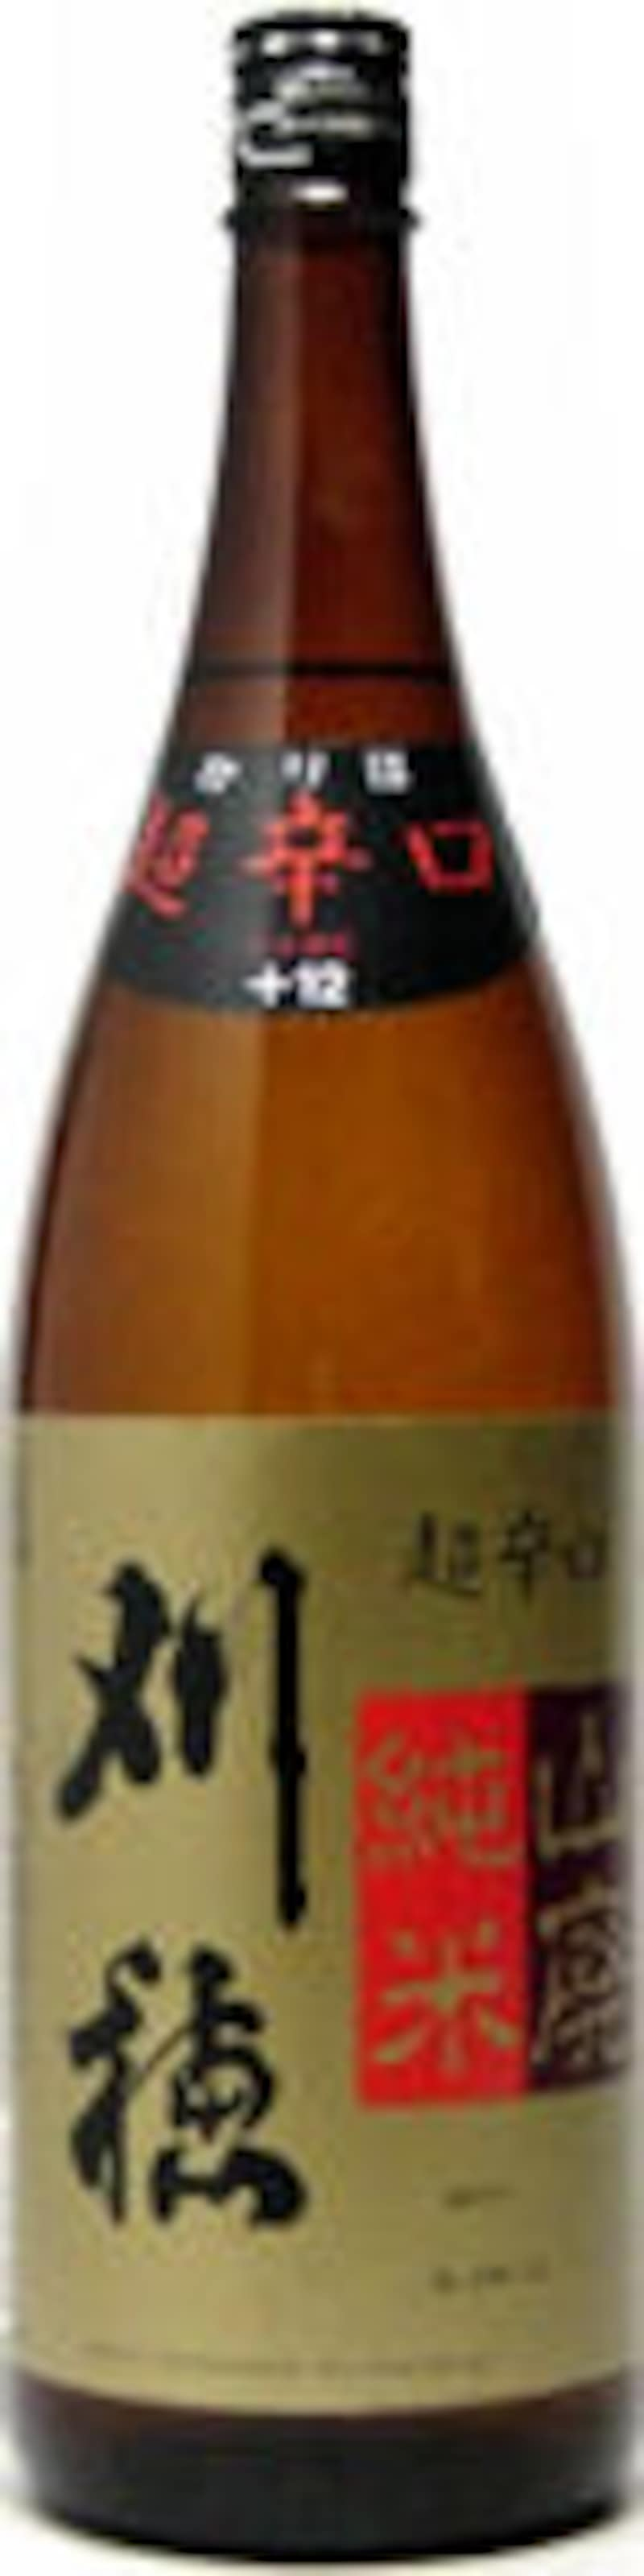 刈穂 特別純米酒 山廃純米超辛口